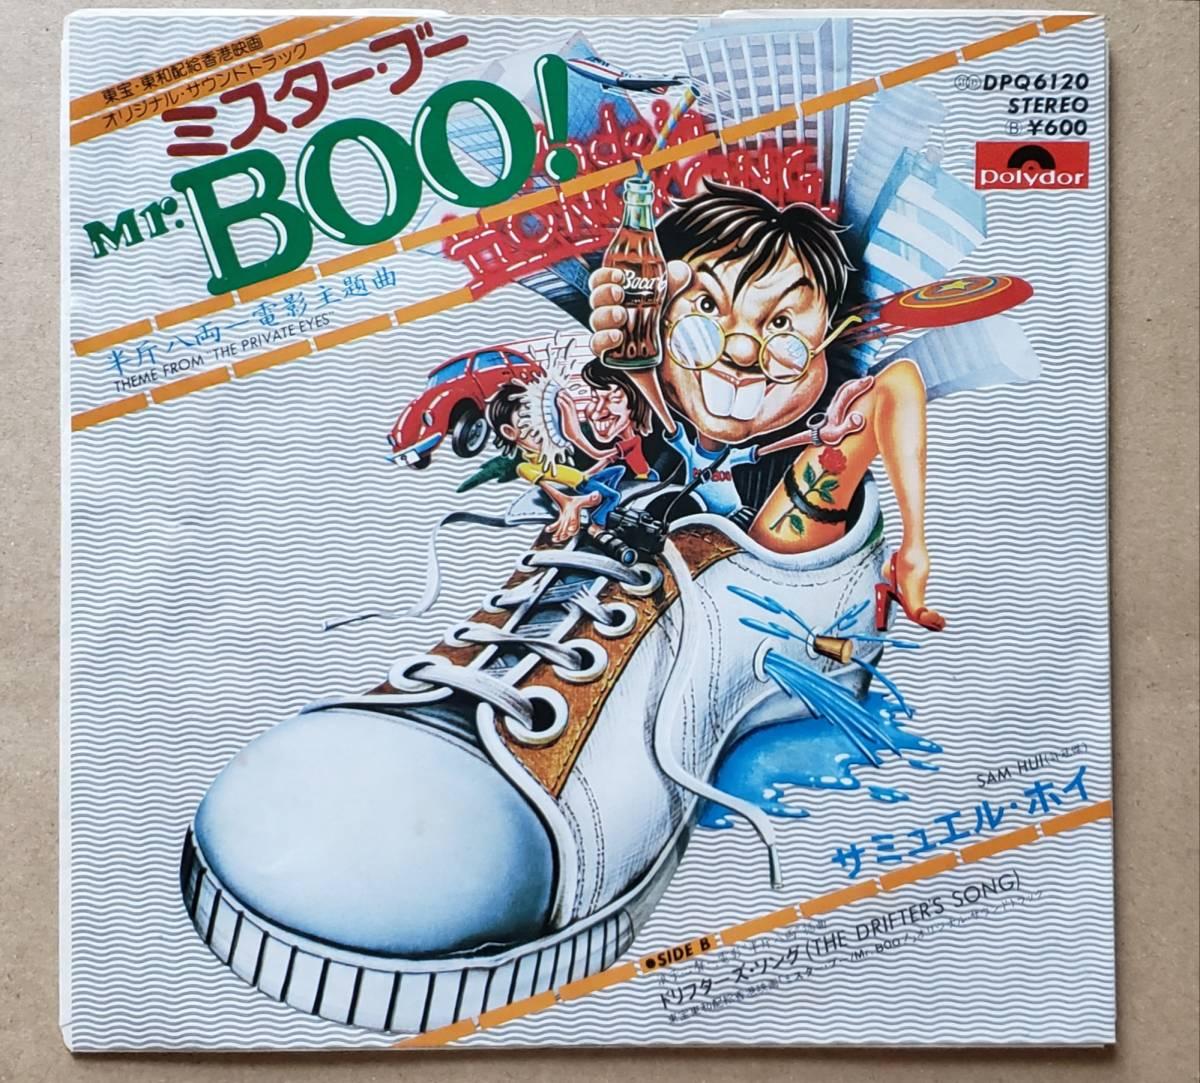 即決!美盤サントラ主題歌EP『Mr.BOO! ミスター・ブー / ドリフターズ・ソング◎サミュエル・ホイ』DPQ6120 カタカナ歌詞付 ネタ テーマ曲_画像1